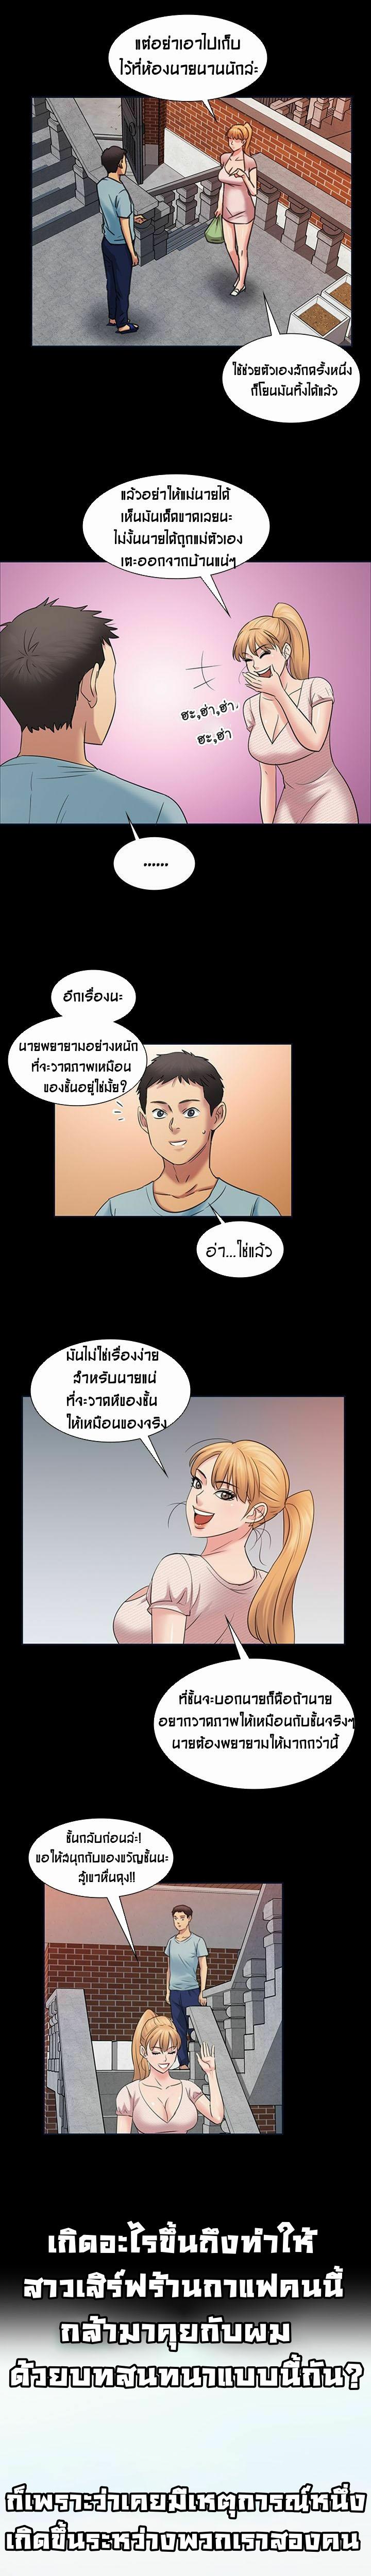 ควีน บี 3 ภาพ 12